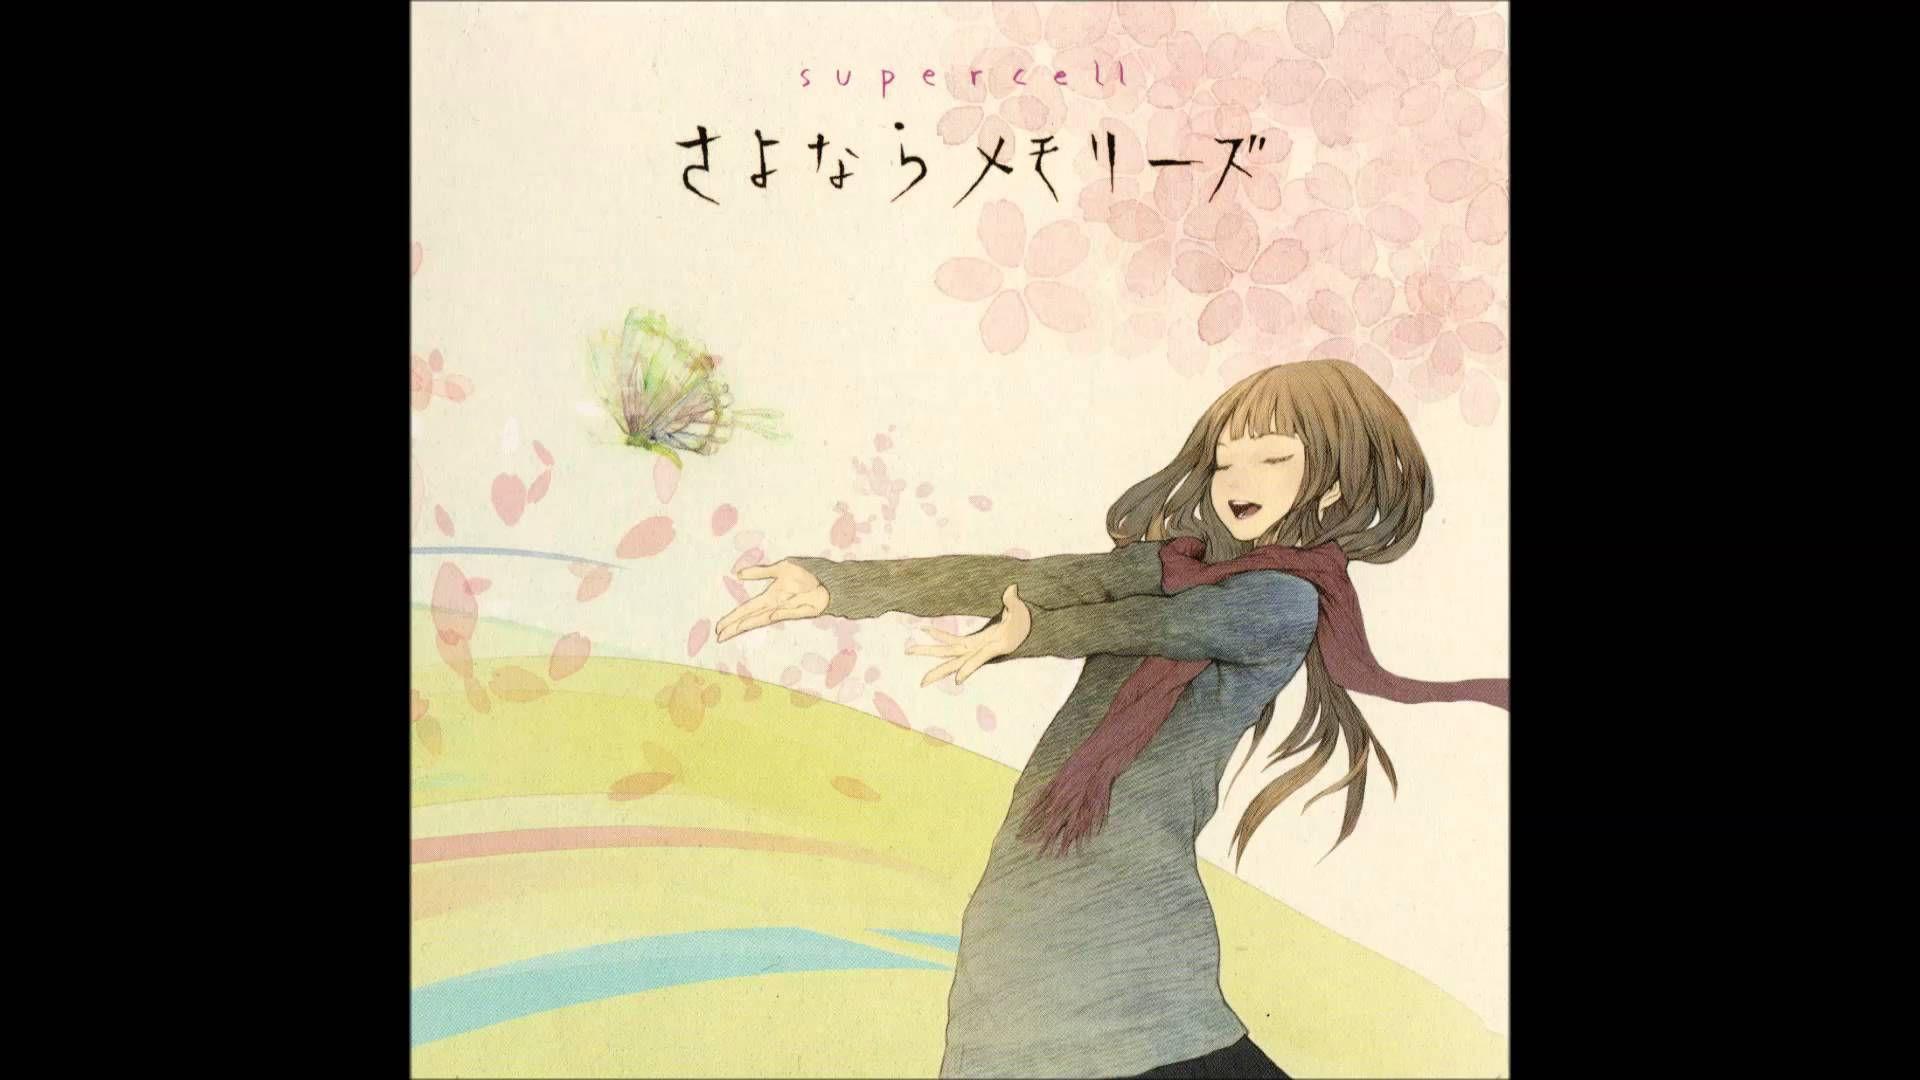 Anime Bakemonogatari Song Ren'ai Circulation by Hanazawa